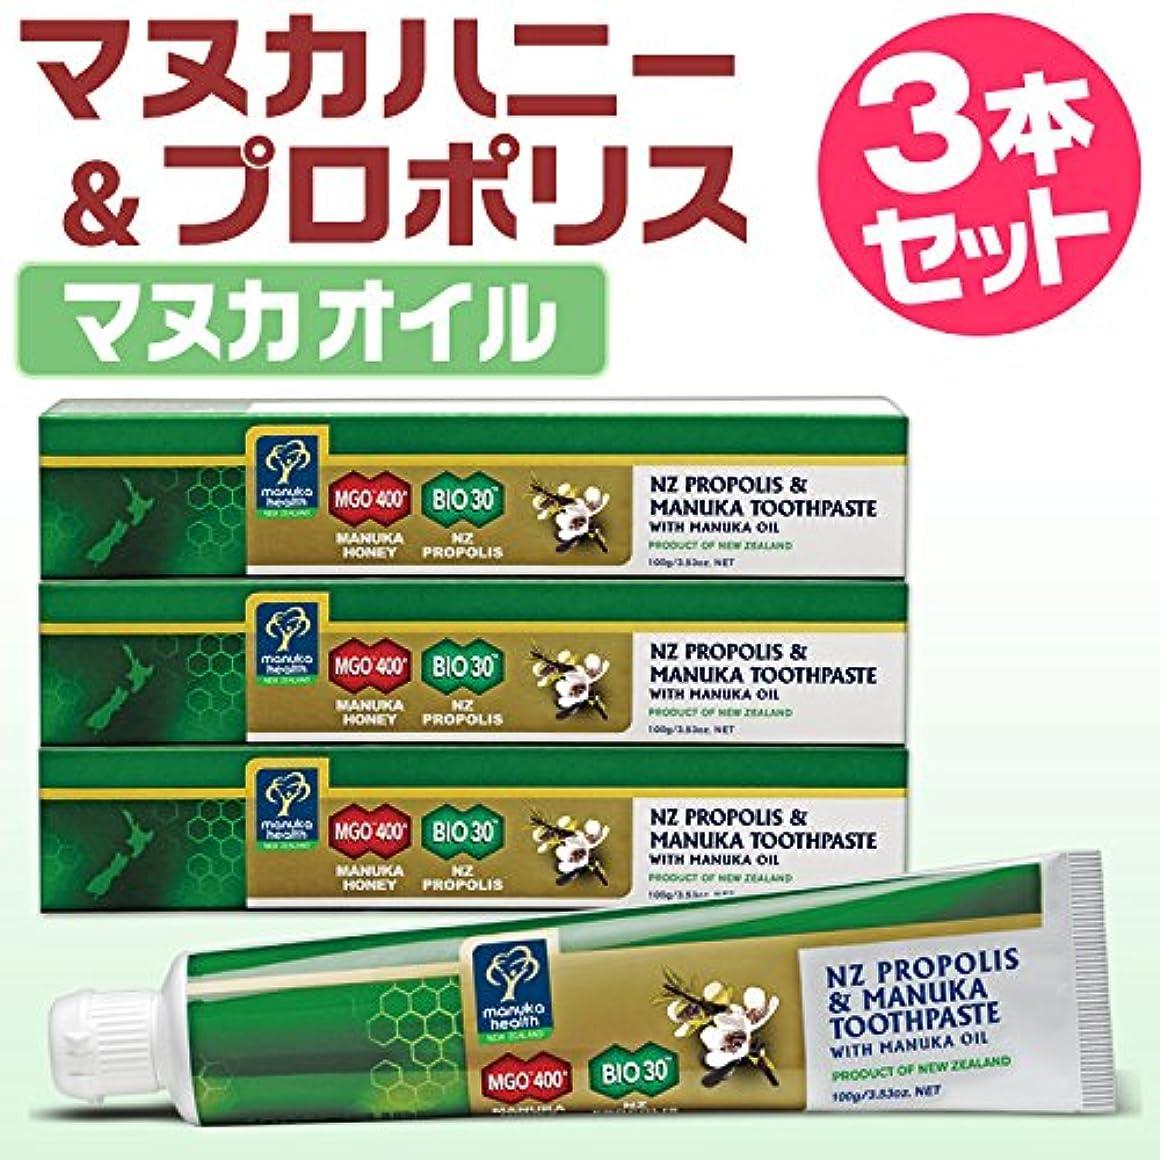 価格調和のとれた蘇生するプロポリス&マヌカハニー MGO400+ マヌカオイル 歯磨き粉[100g]◆3本セット◆緑